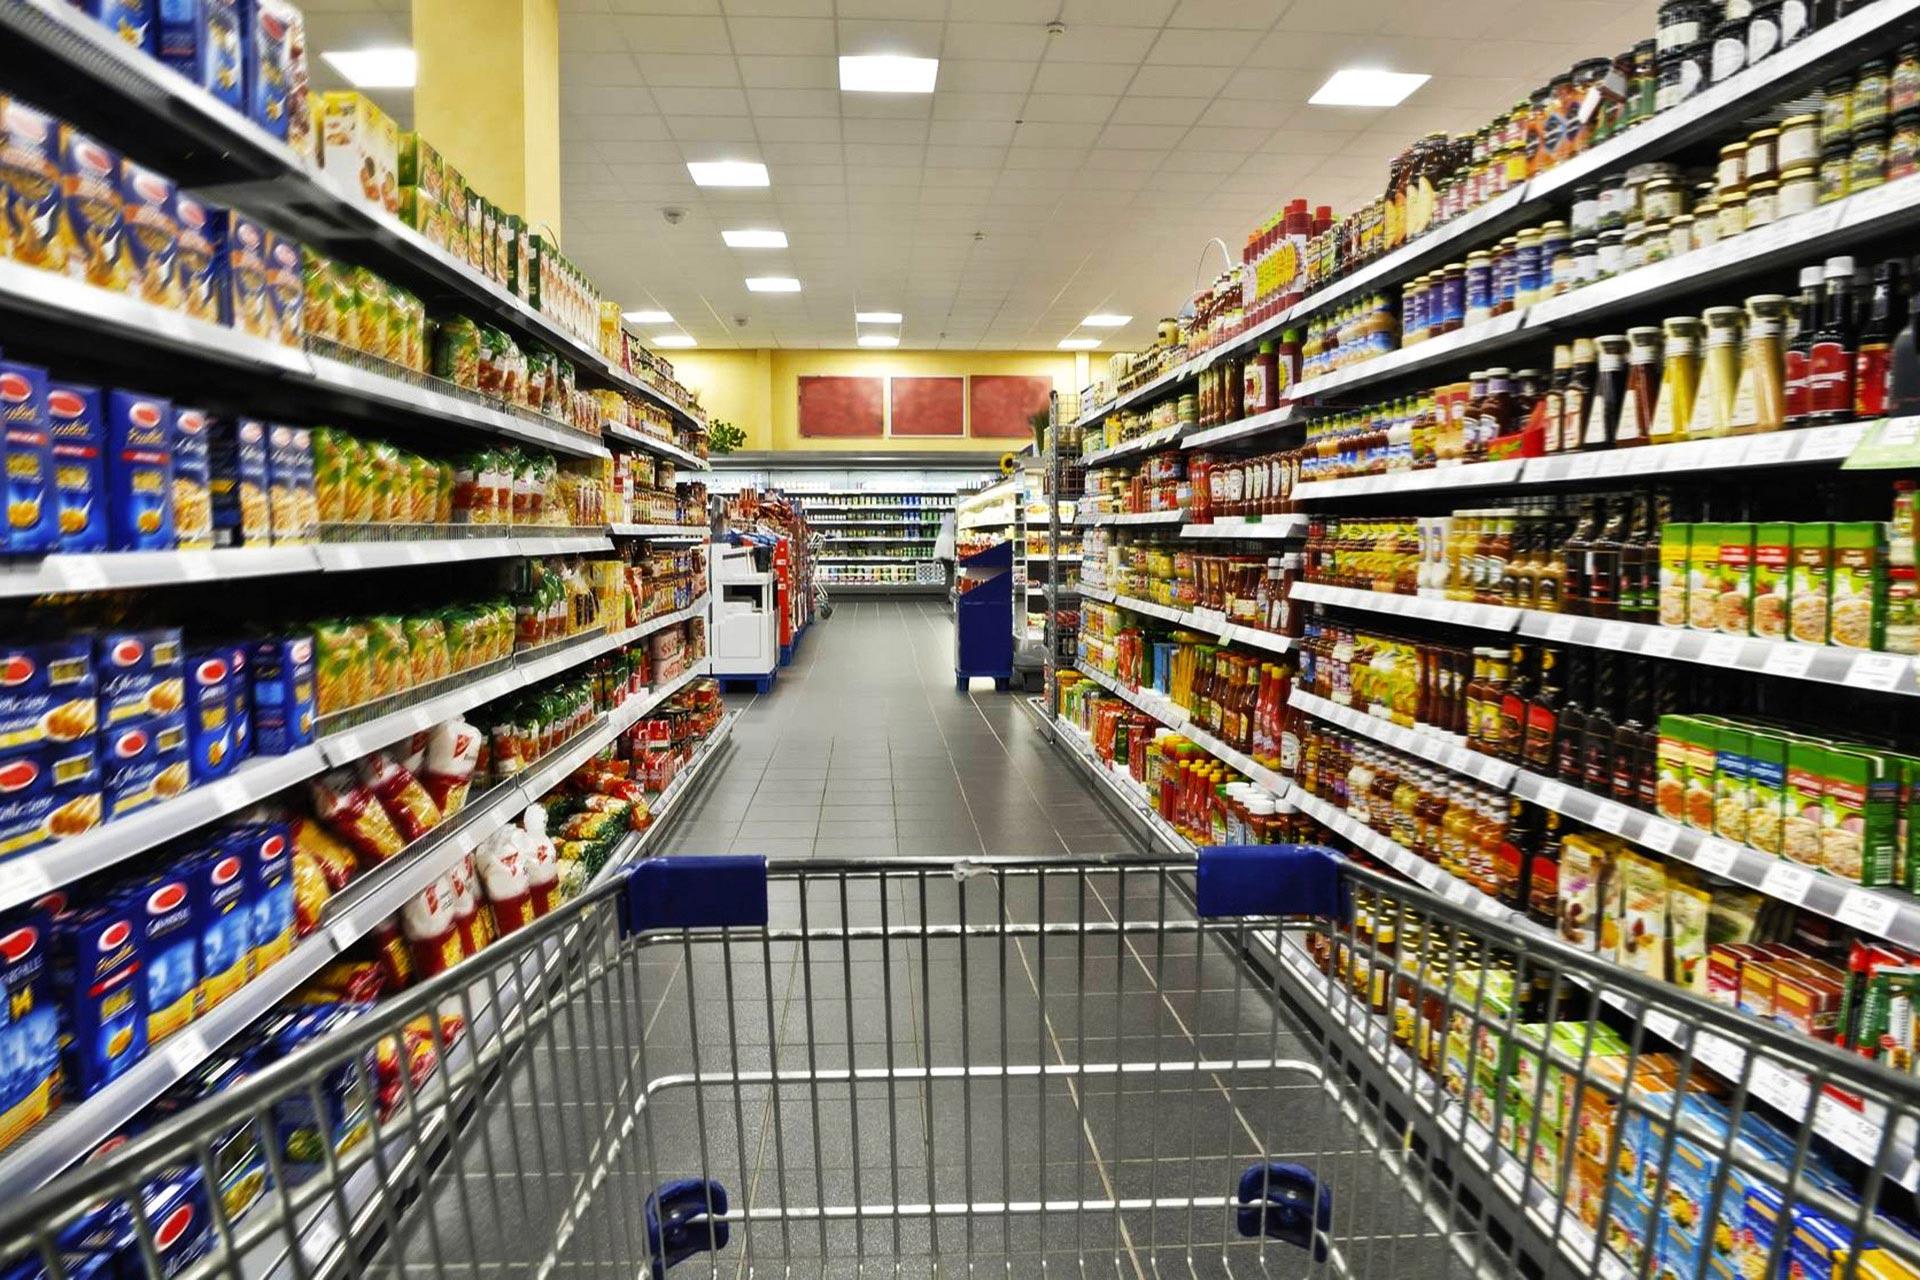 etaLight Anwendung Einkaufsladen mit Einkaufswagen und Regalen